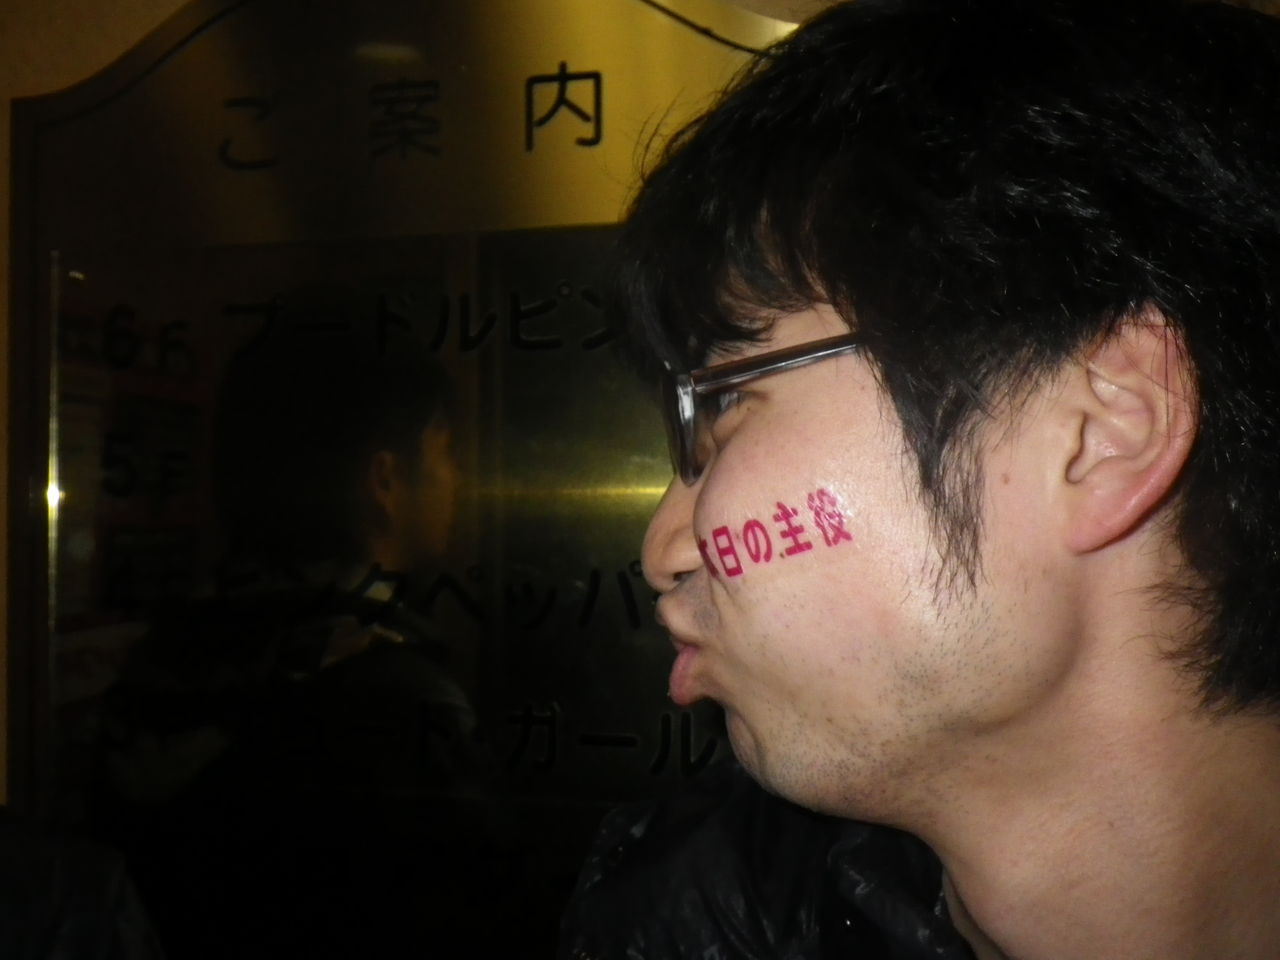 アポロビル ピンク ペッパー アポロビル紹介 4階ピンクペッパー - 遊びを極めた男...